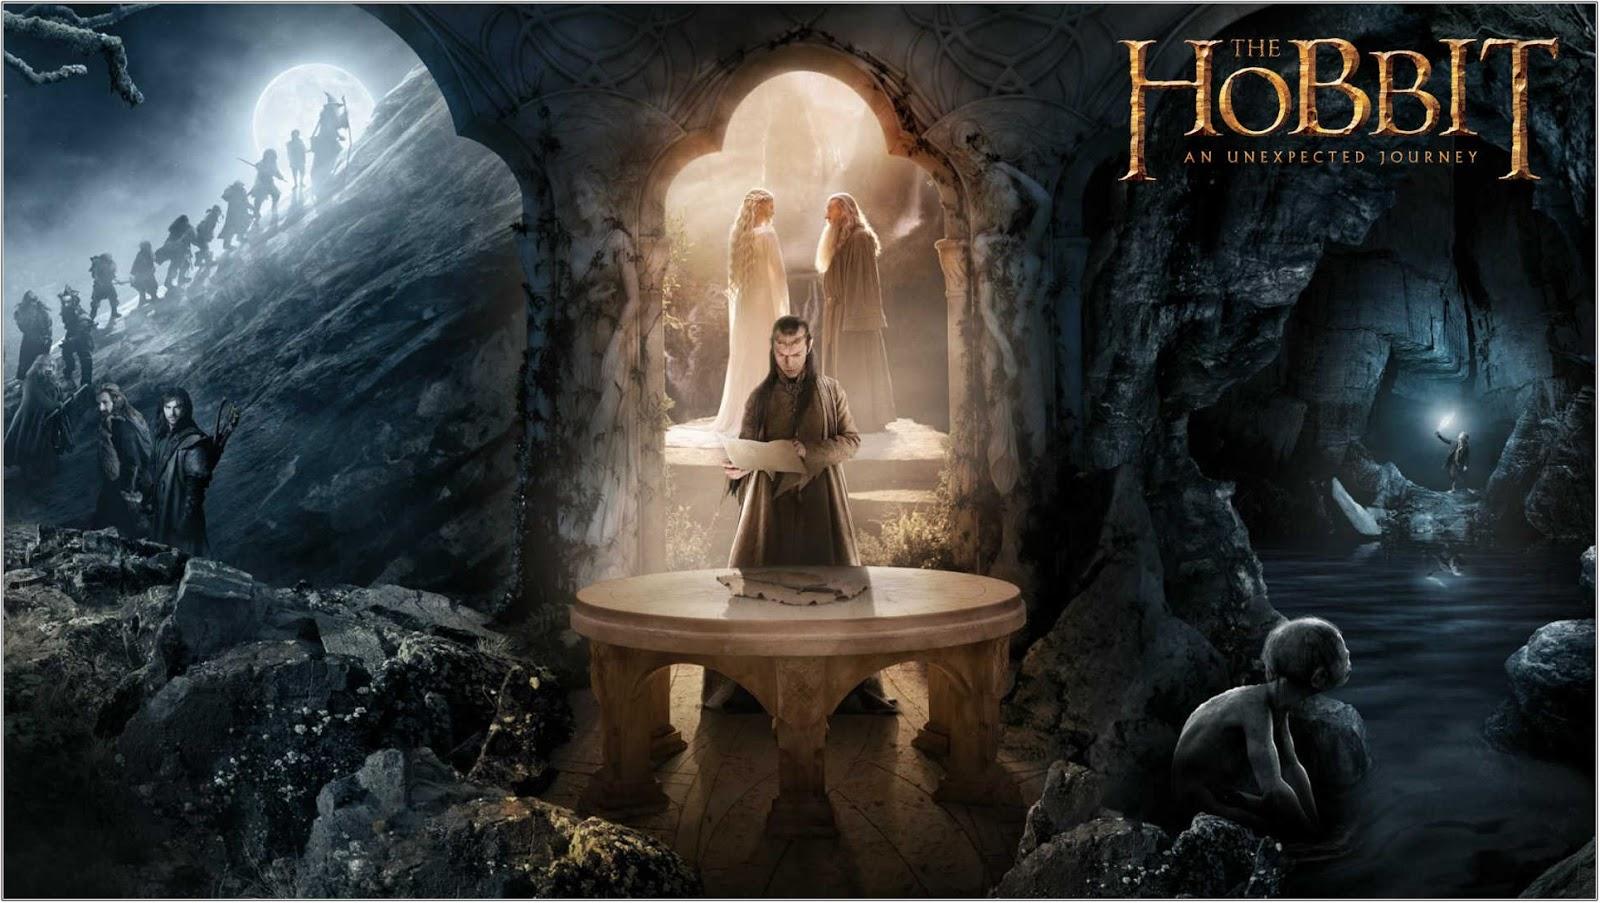 The Hobbit Wallpapers